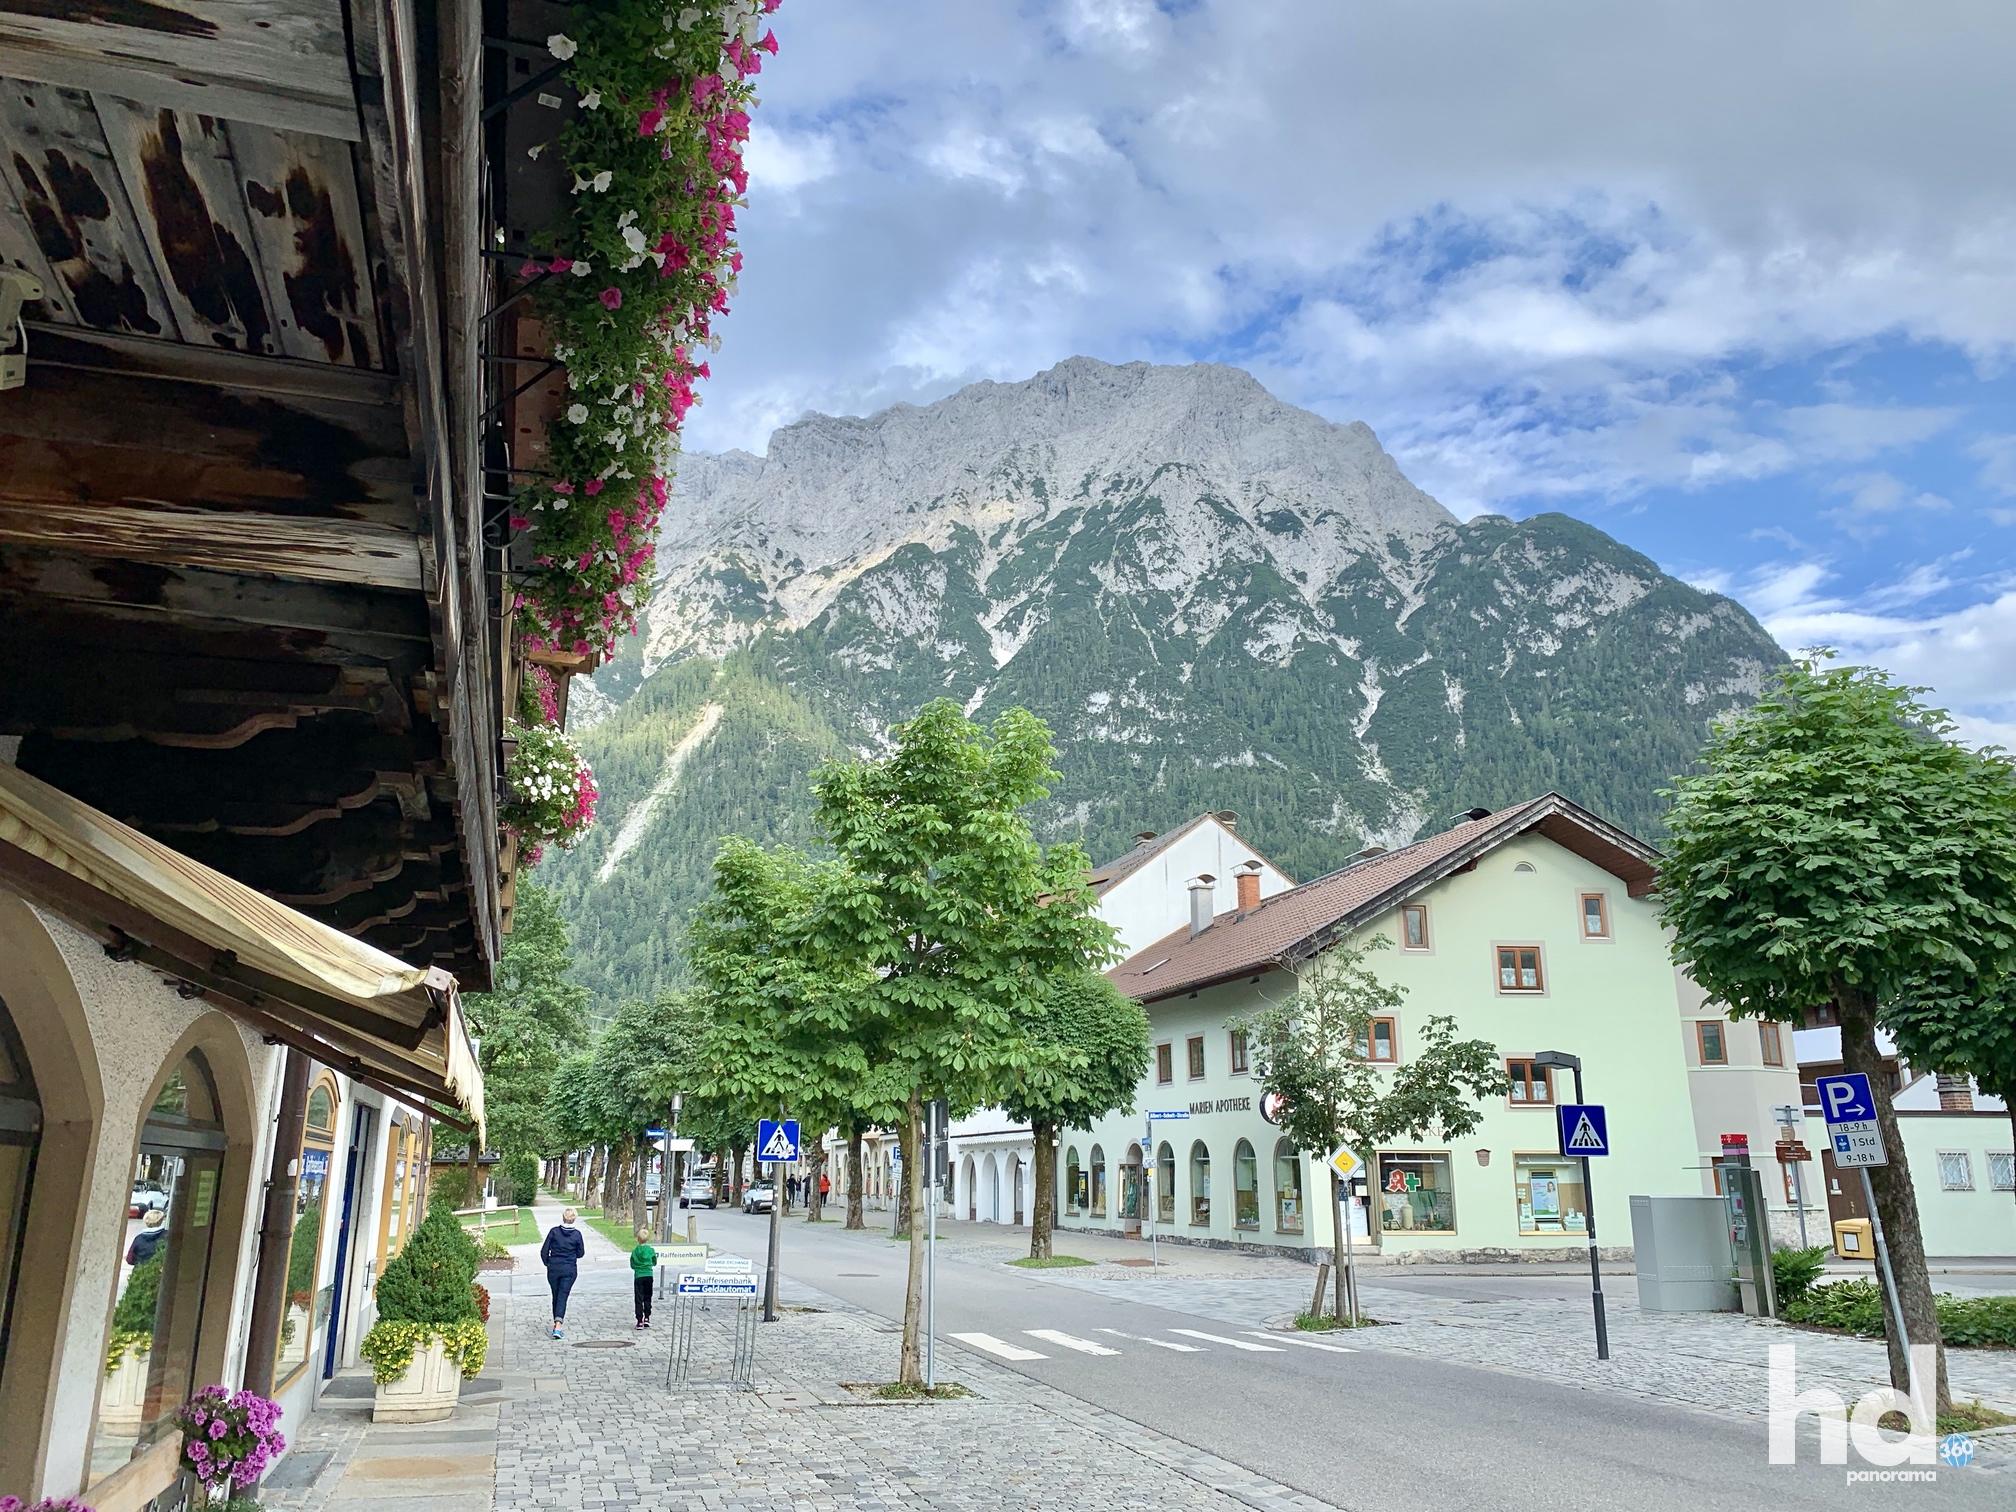 Innenstadt Mittenwald, direkt am Fuß des Karwendel, Foto © HD-Panorama